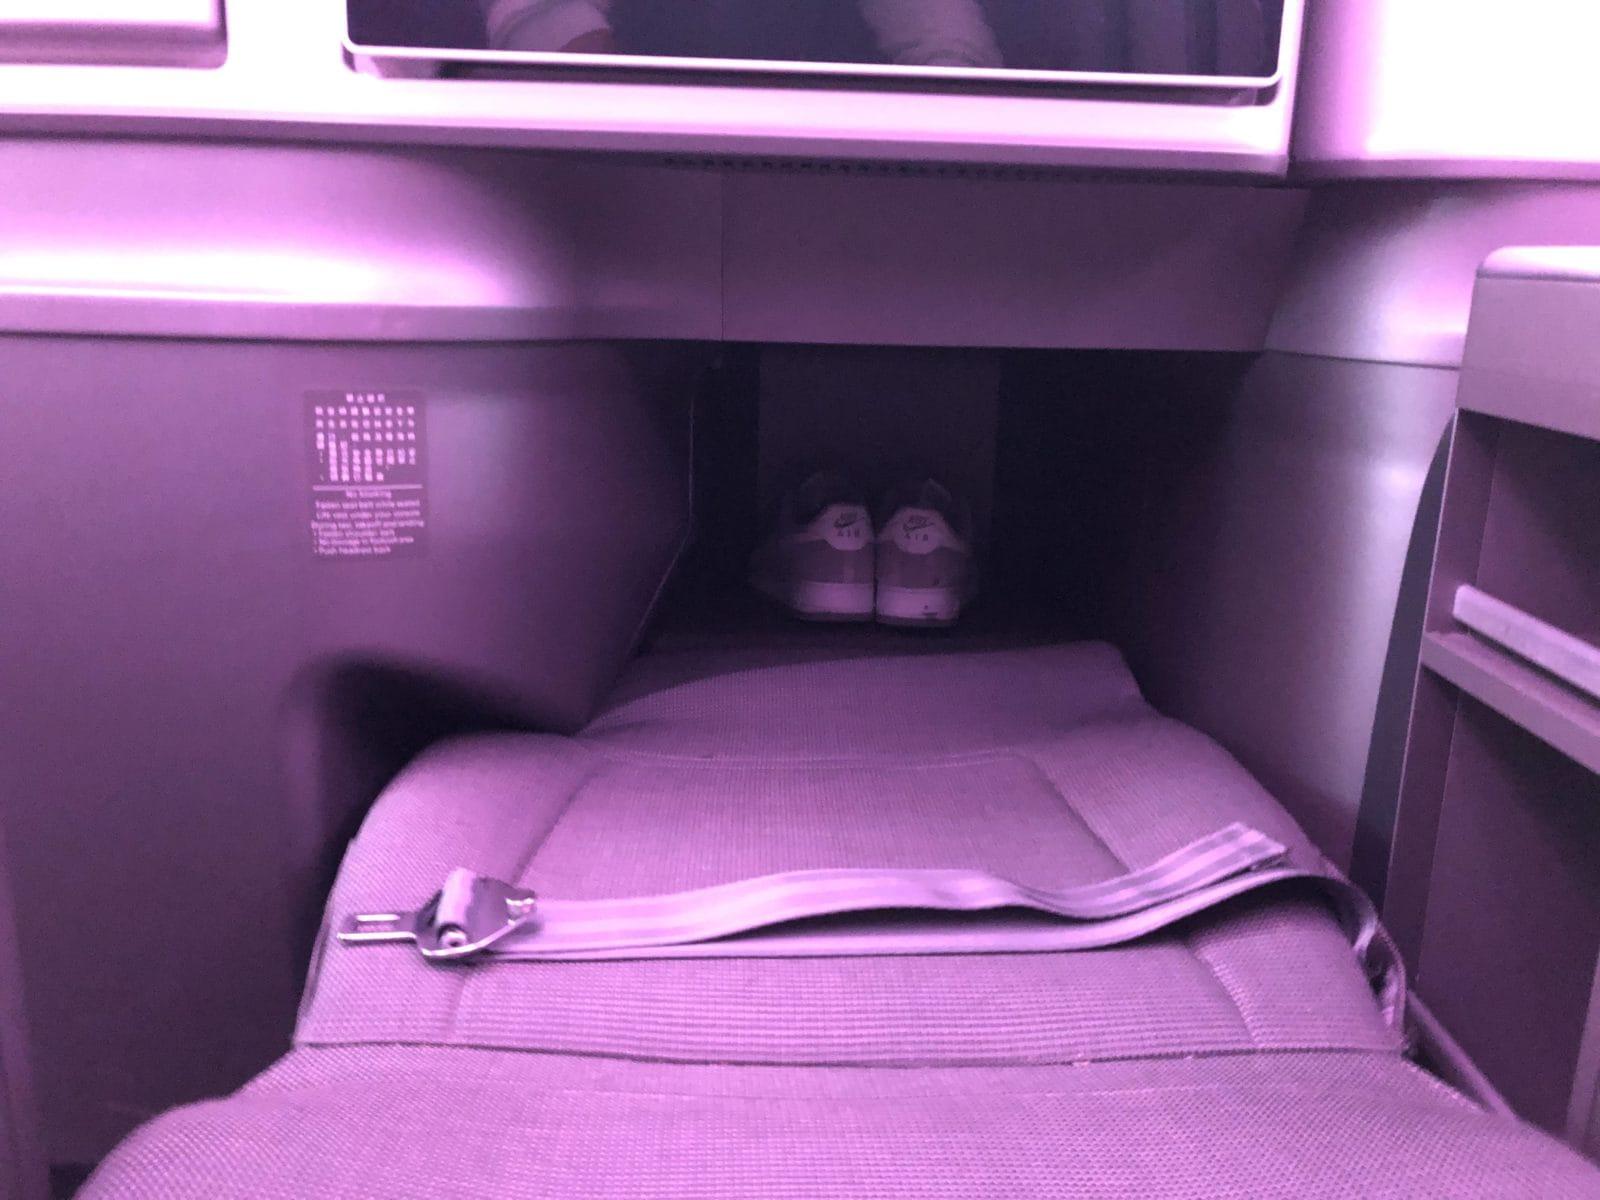 EVA Air neue Business Class 787-9 Bett ausgefahren